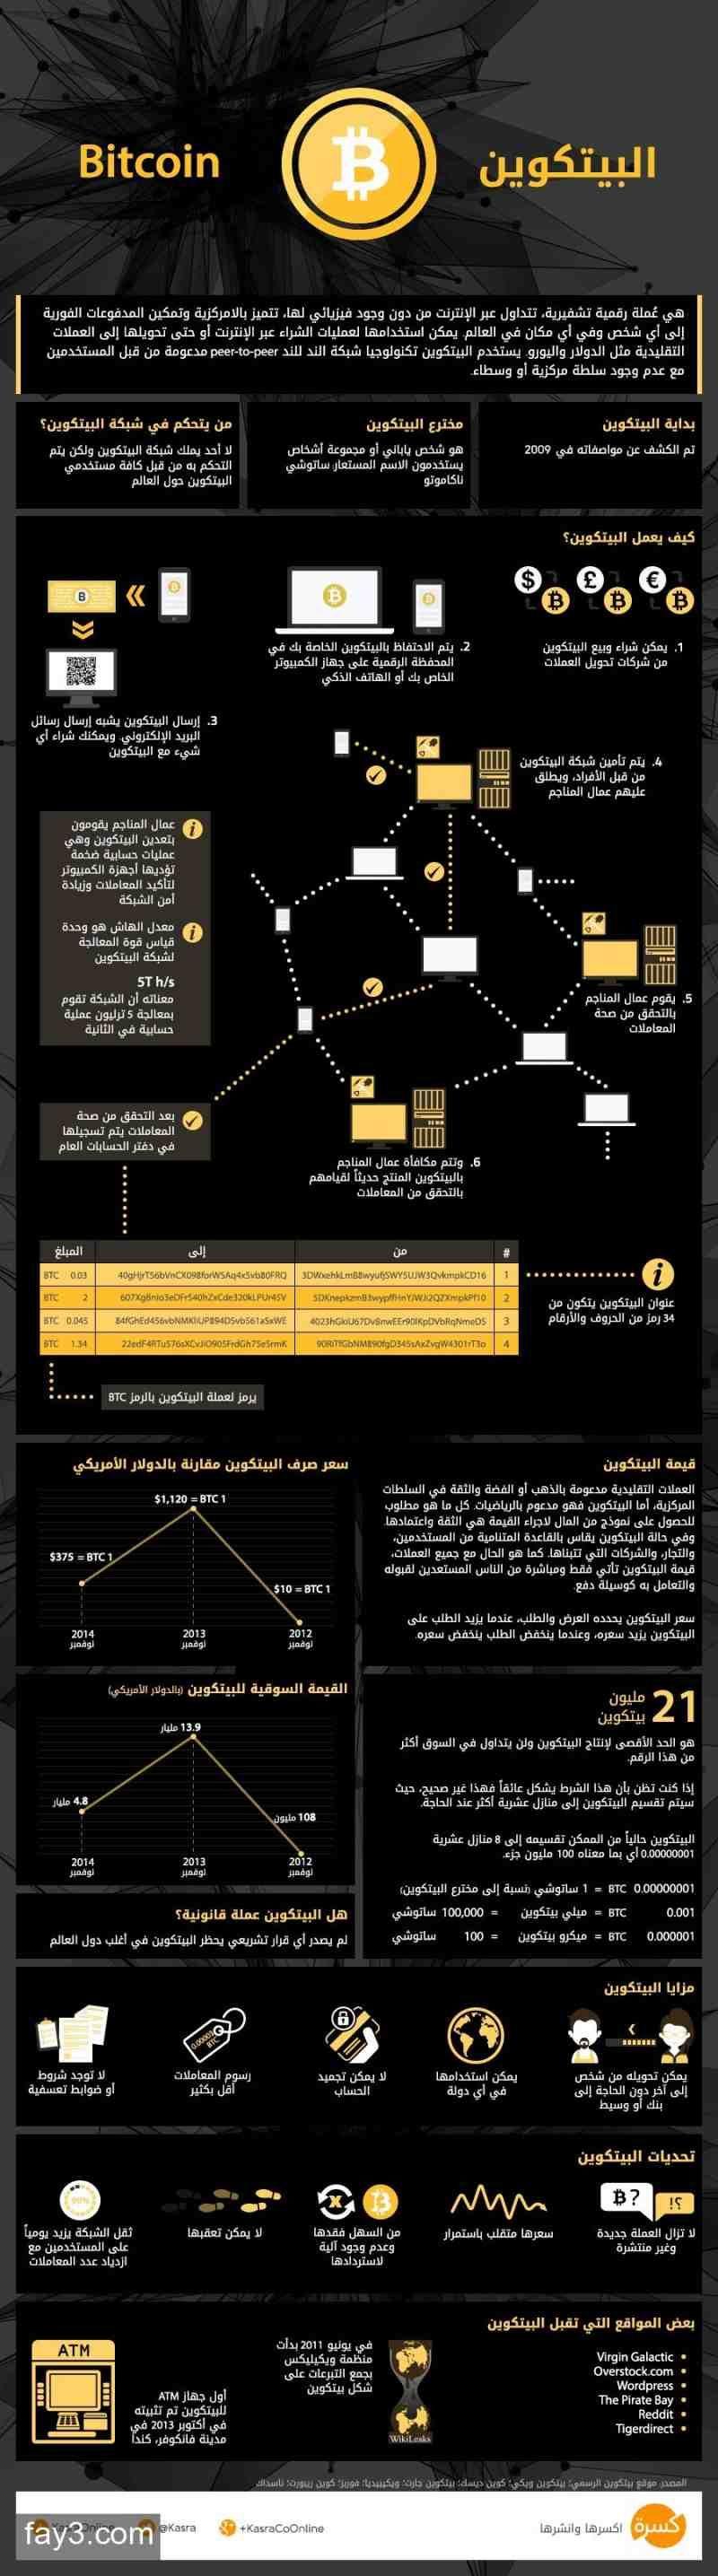 انفوجرافيك بيتكوين ماذا تعرف عن عملة الإنترنت Bitcoin Bitcoin Infographic Buy Bitcoin